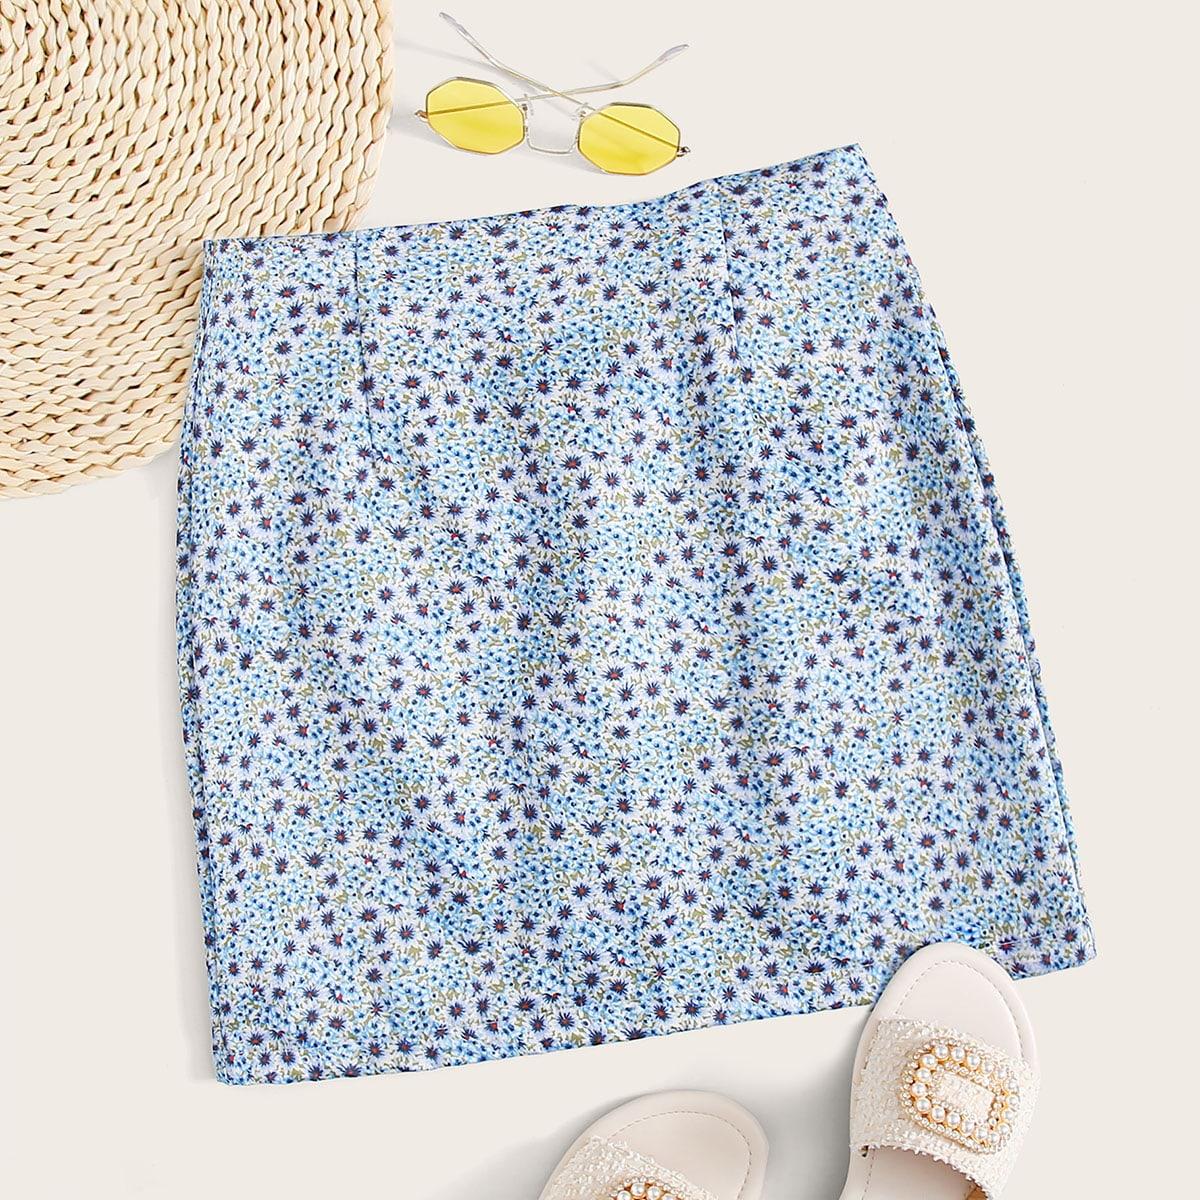 Цветочная мини юбка с молнией сзади